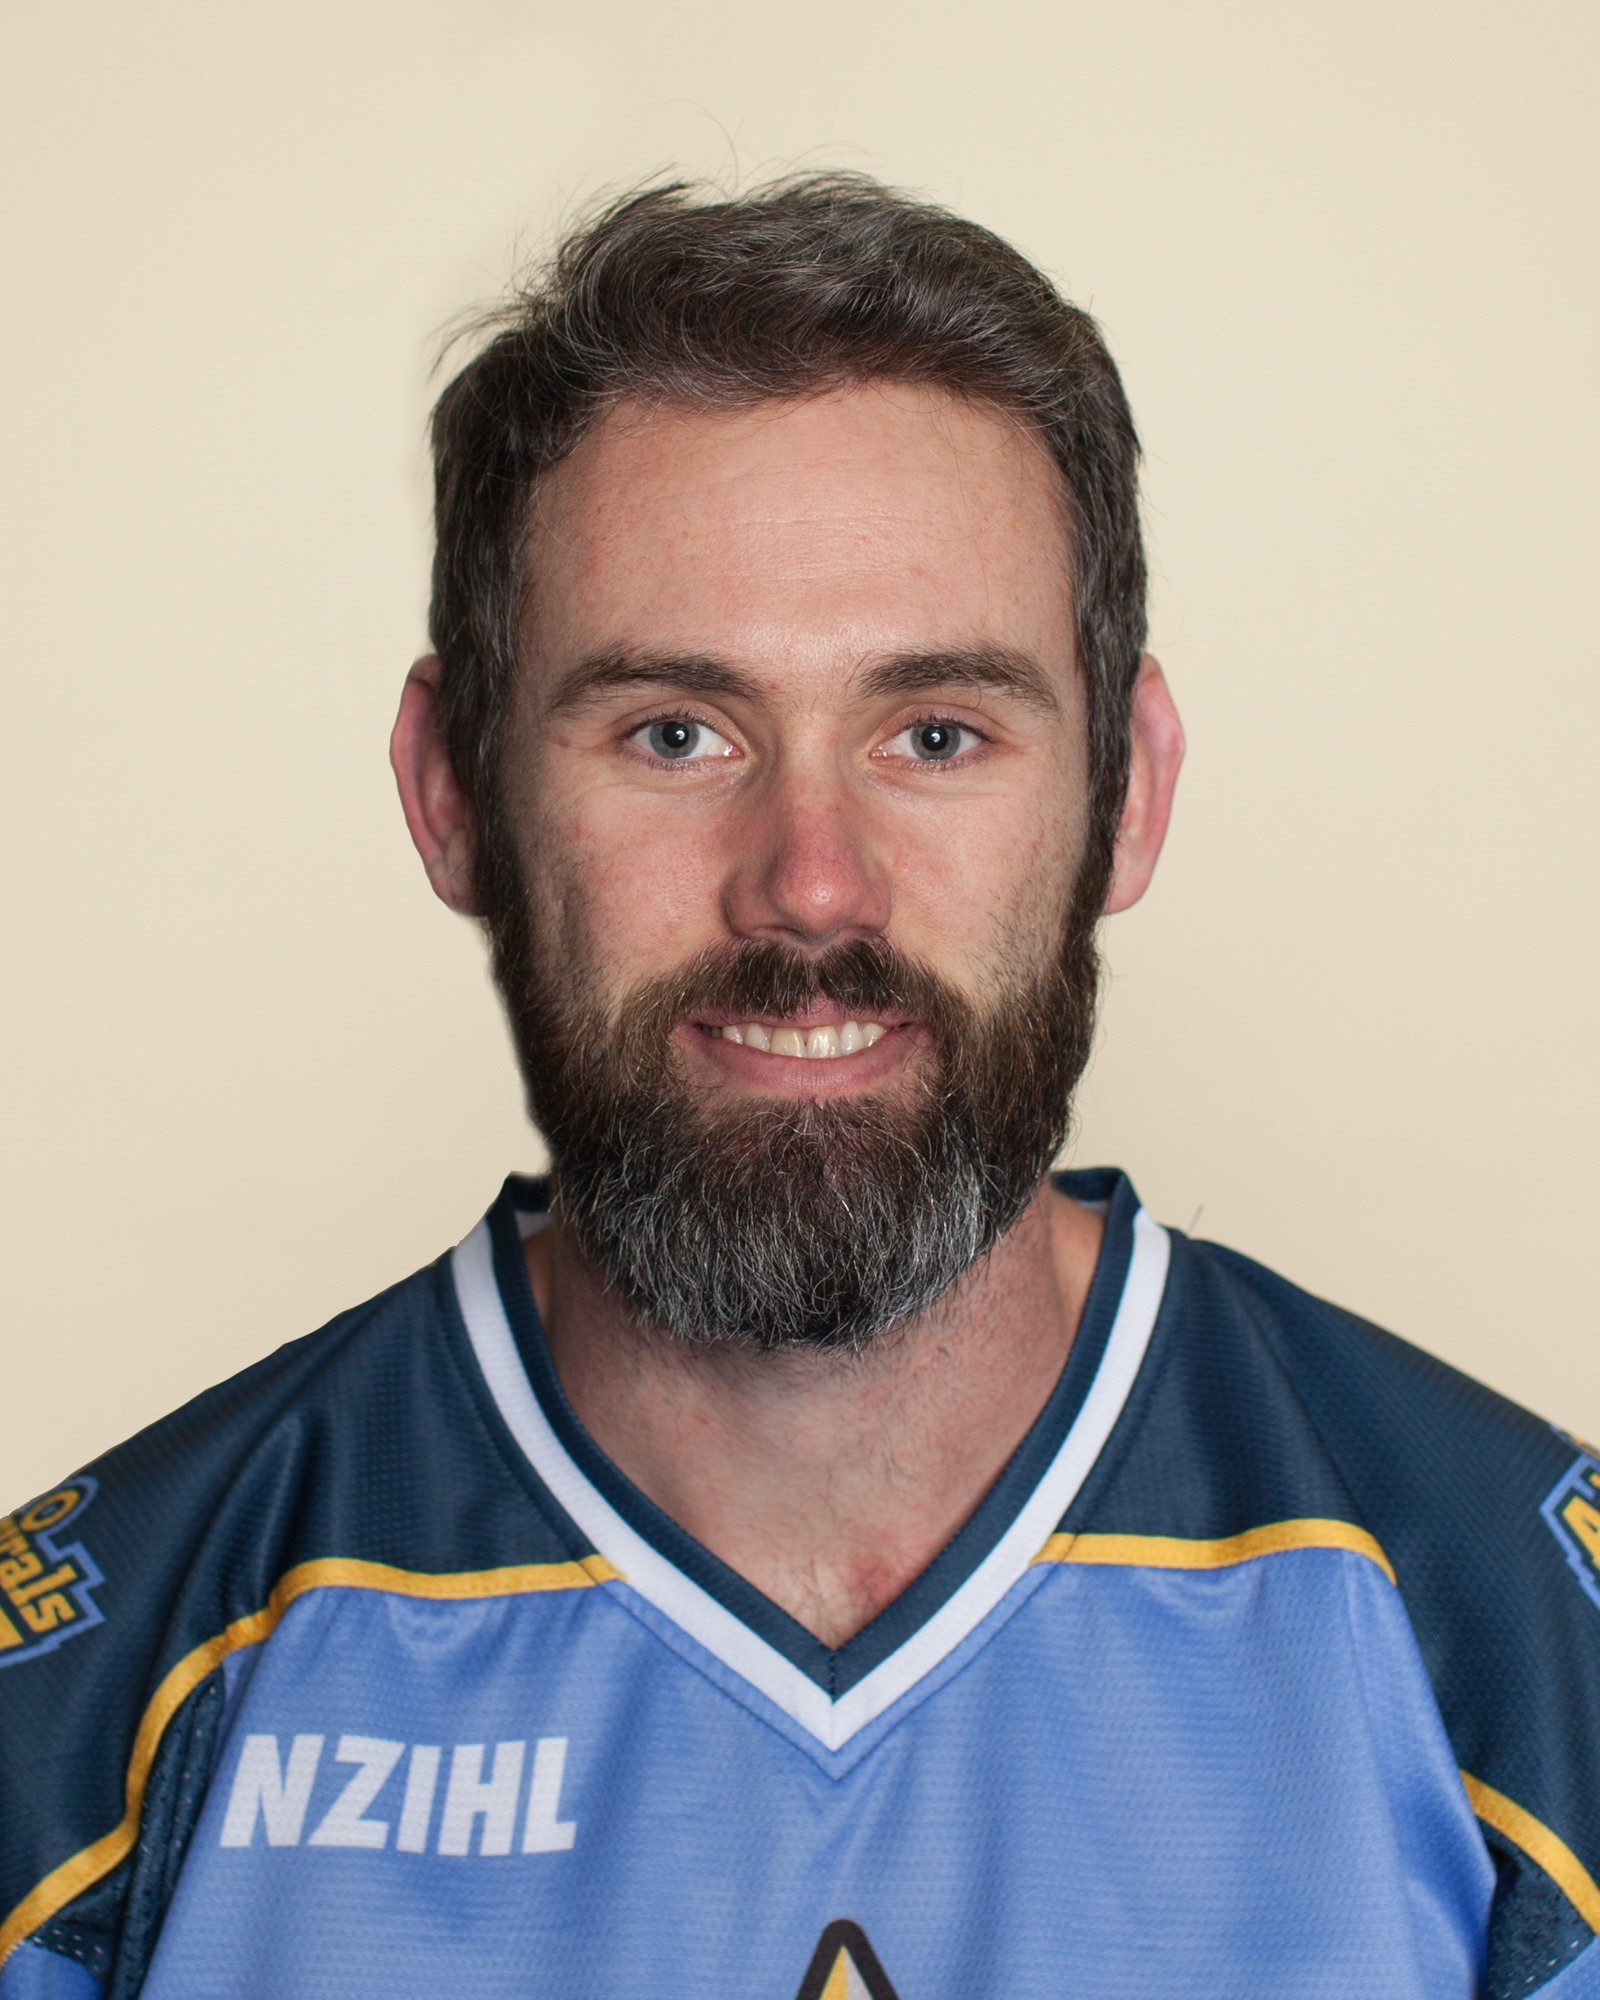 Gareth Mcleish